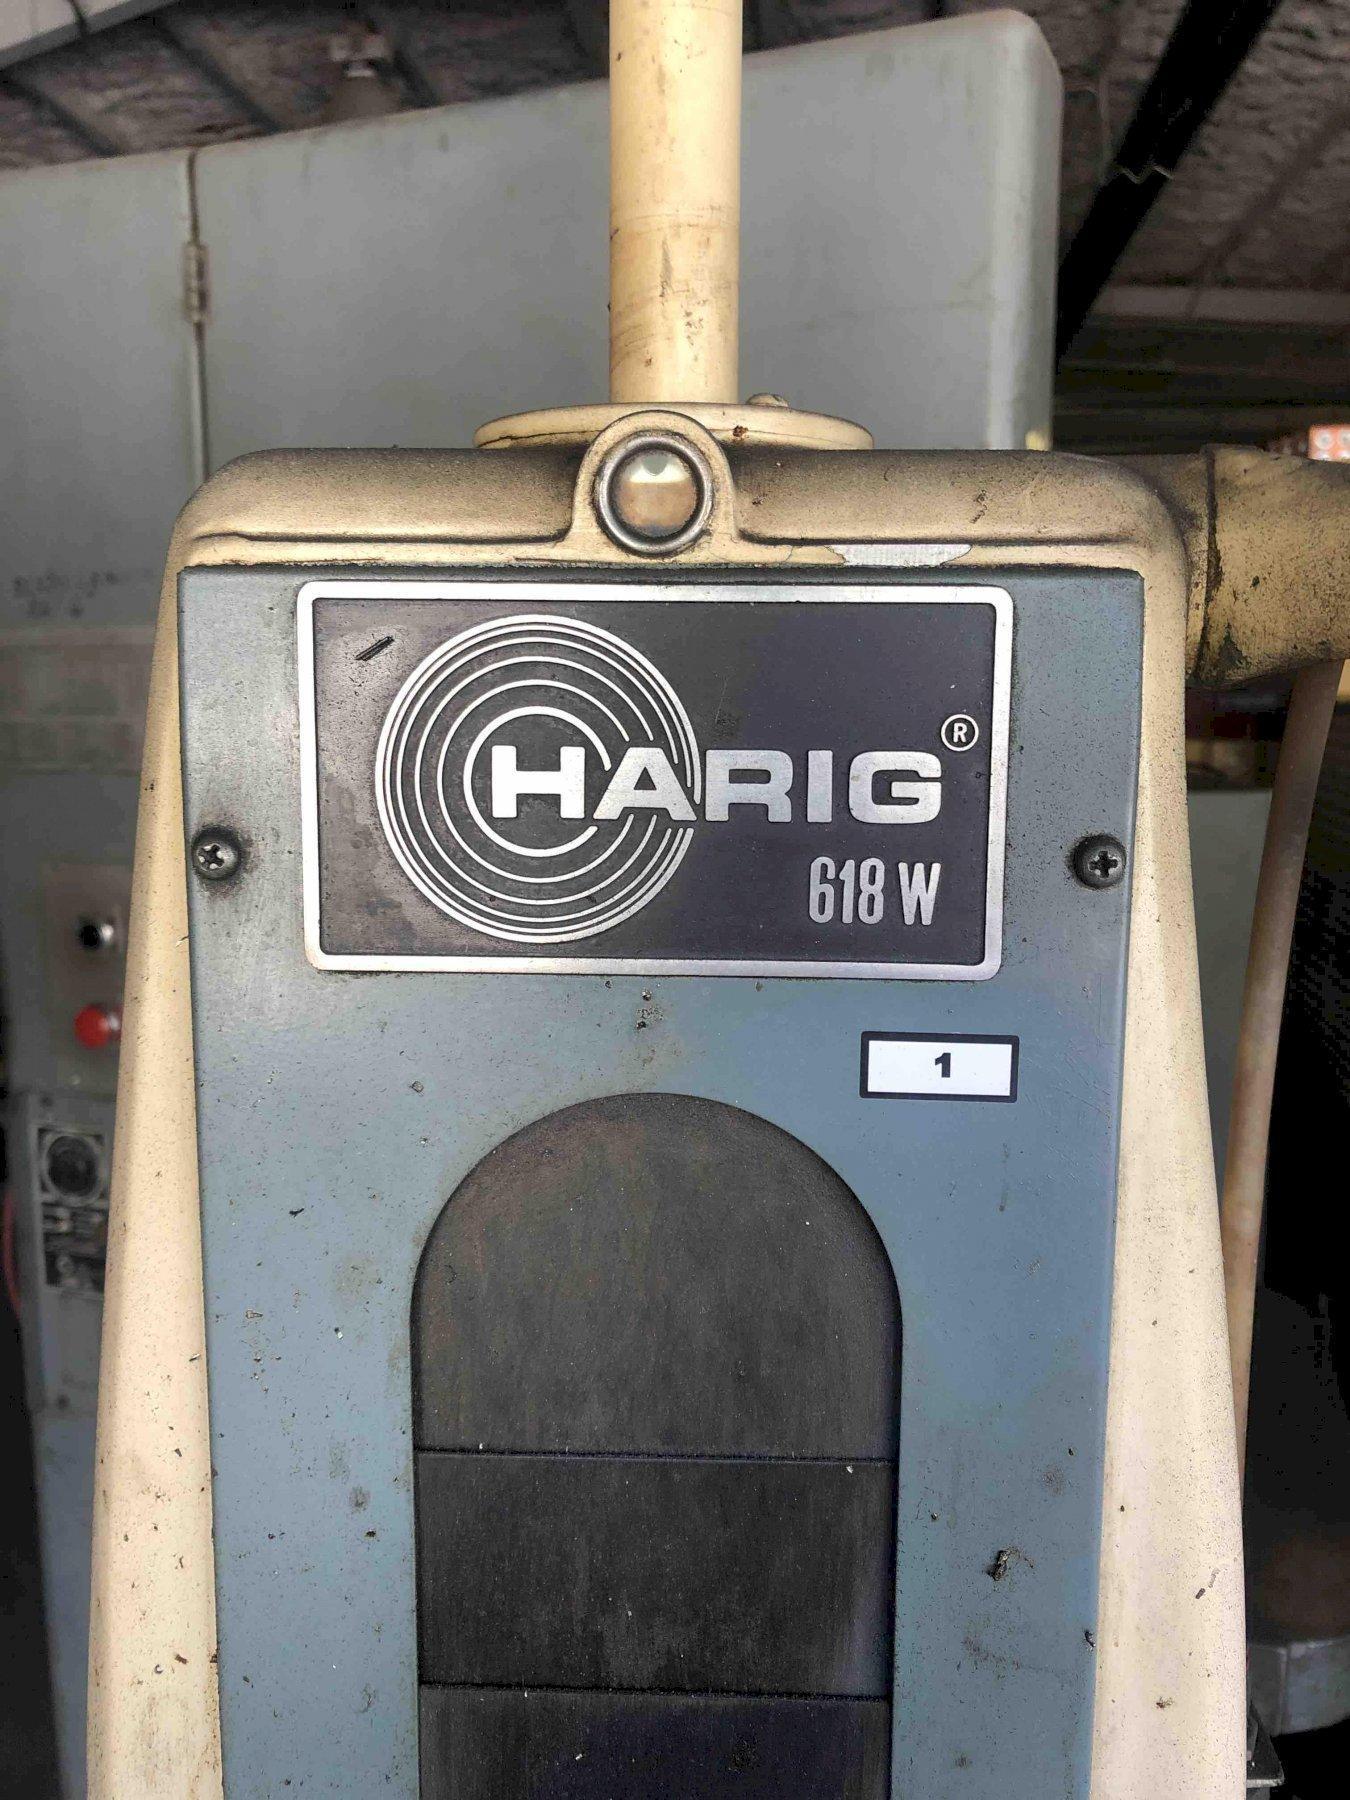 1 - PREOWNED HARIG GRINDER 618W